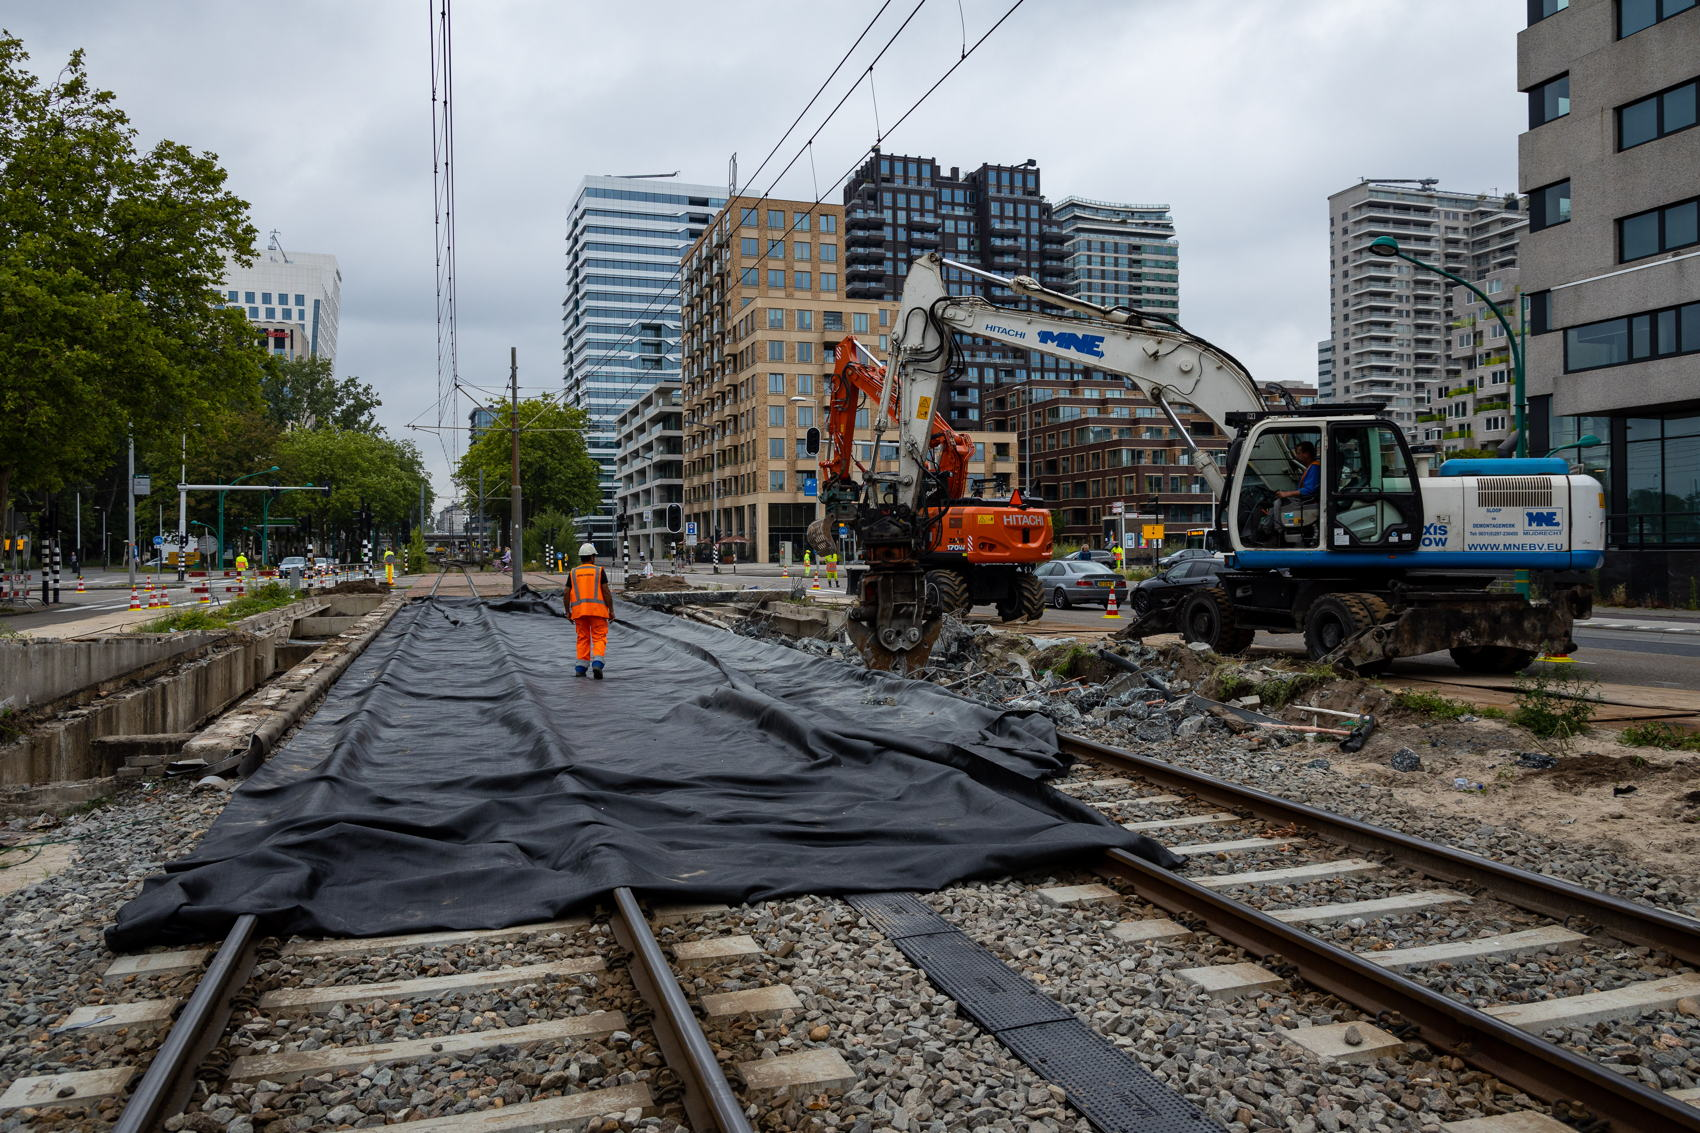 In Buitenveldert de laatste benodigde sloopwerkzaamheden wat de Amstelveenlijn betreft.